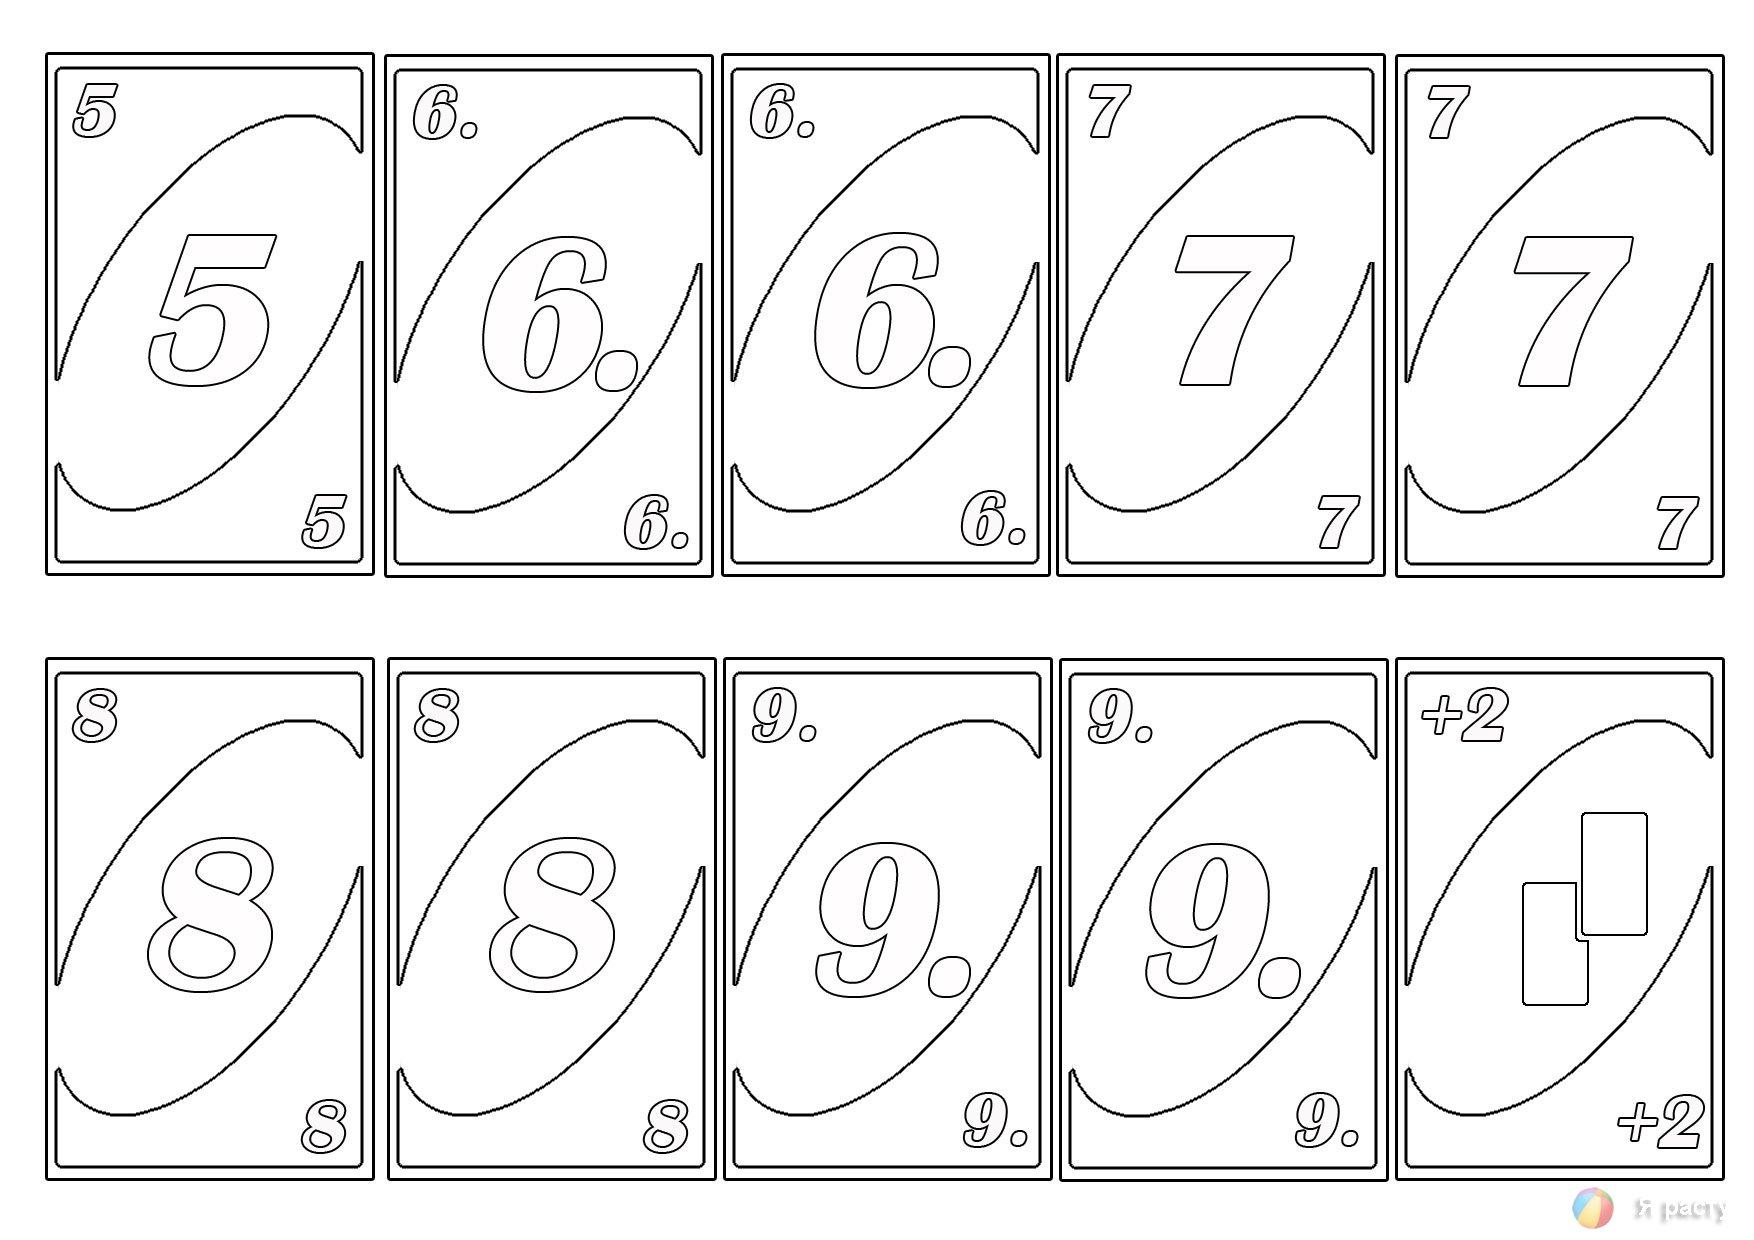 Как играть в карты uno отзывы о сайте джойказино